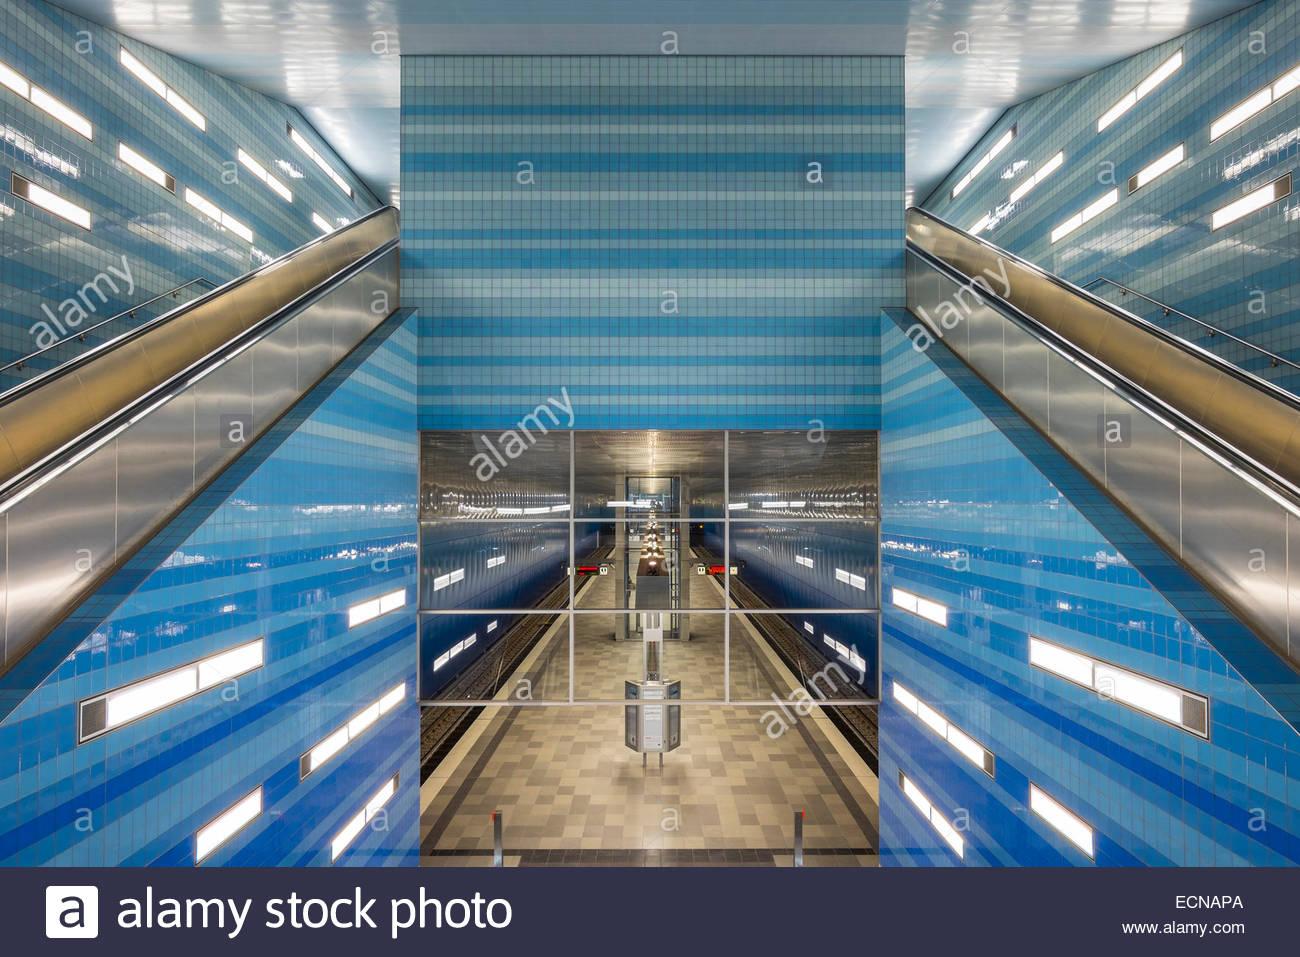 Überseequartier Station U4 U-Bahn-Linie, HafenCity, Hamburg, Deutschland Stockbild